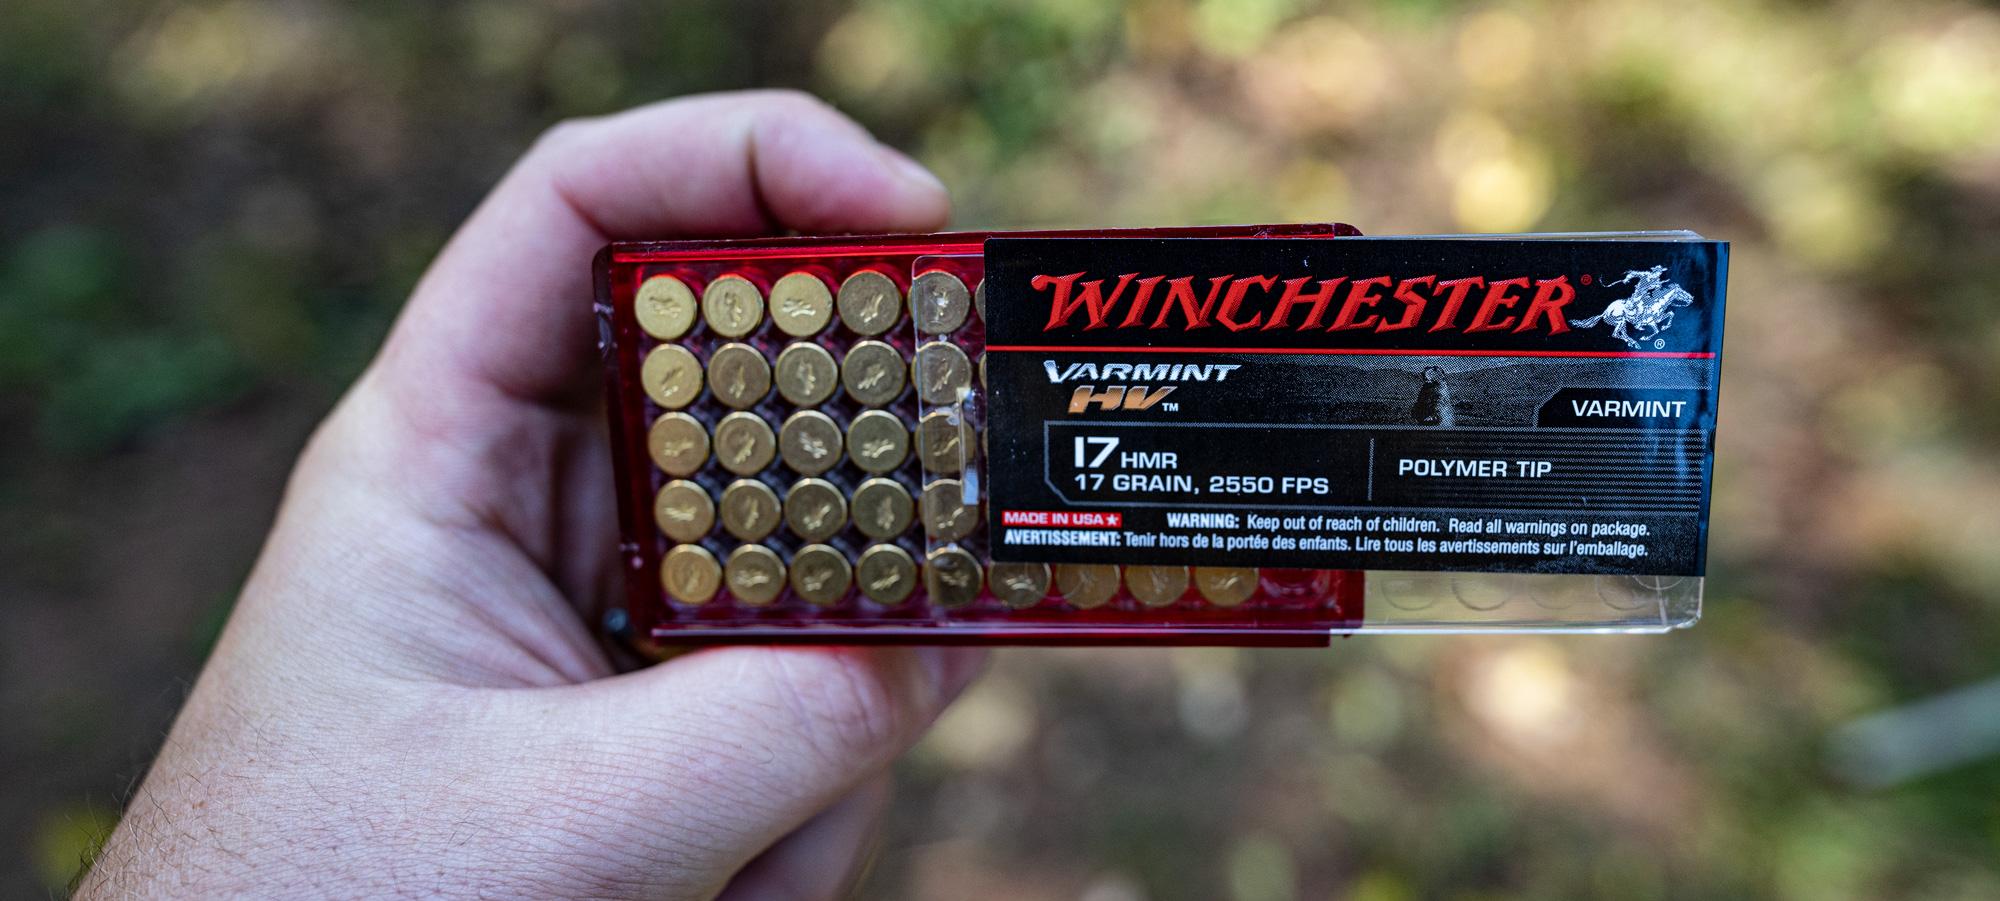 Winchester Super-X 17 HMR ammo